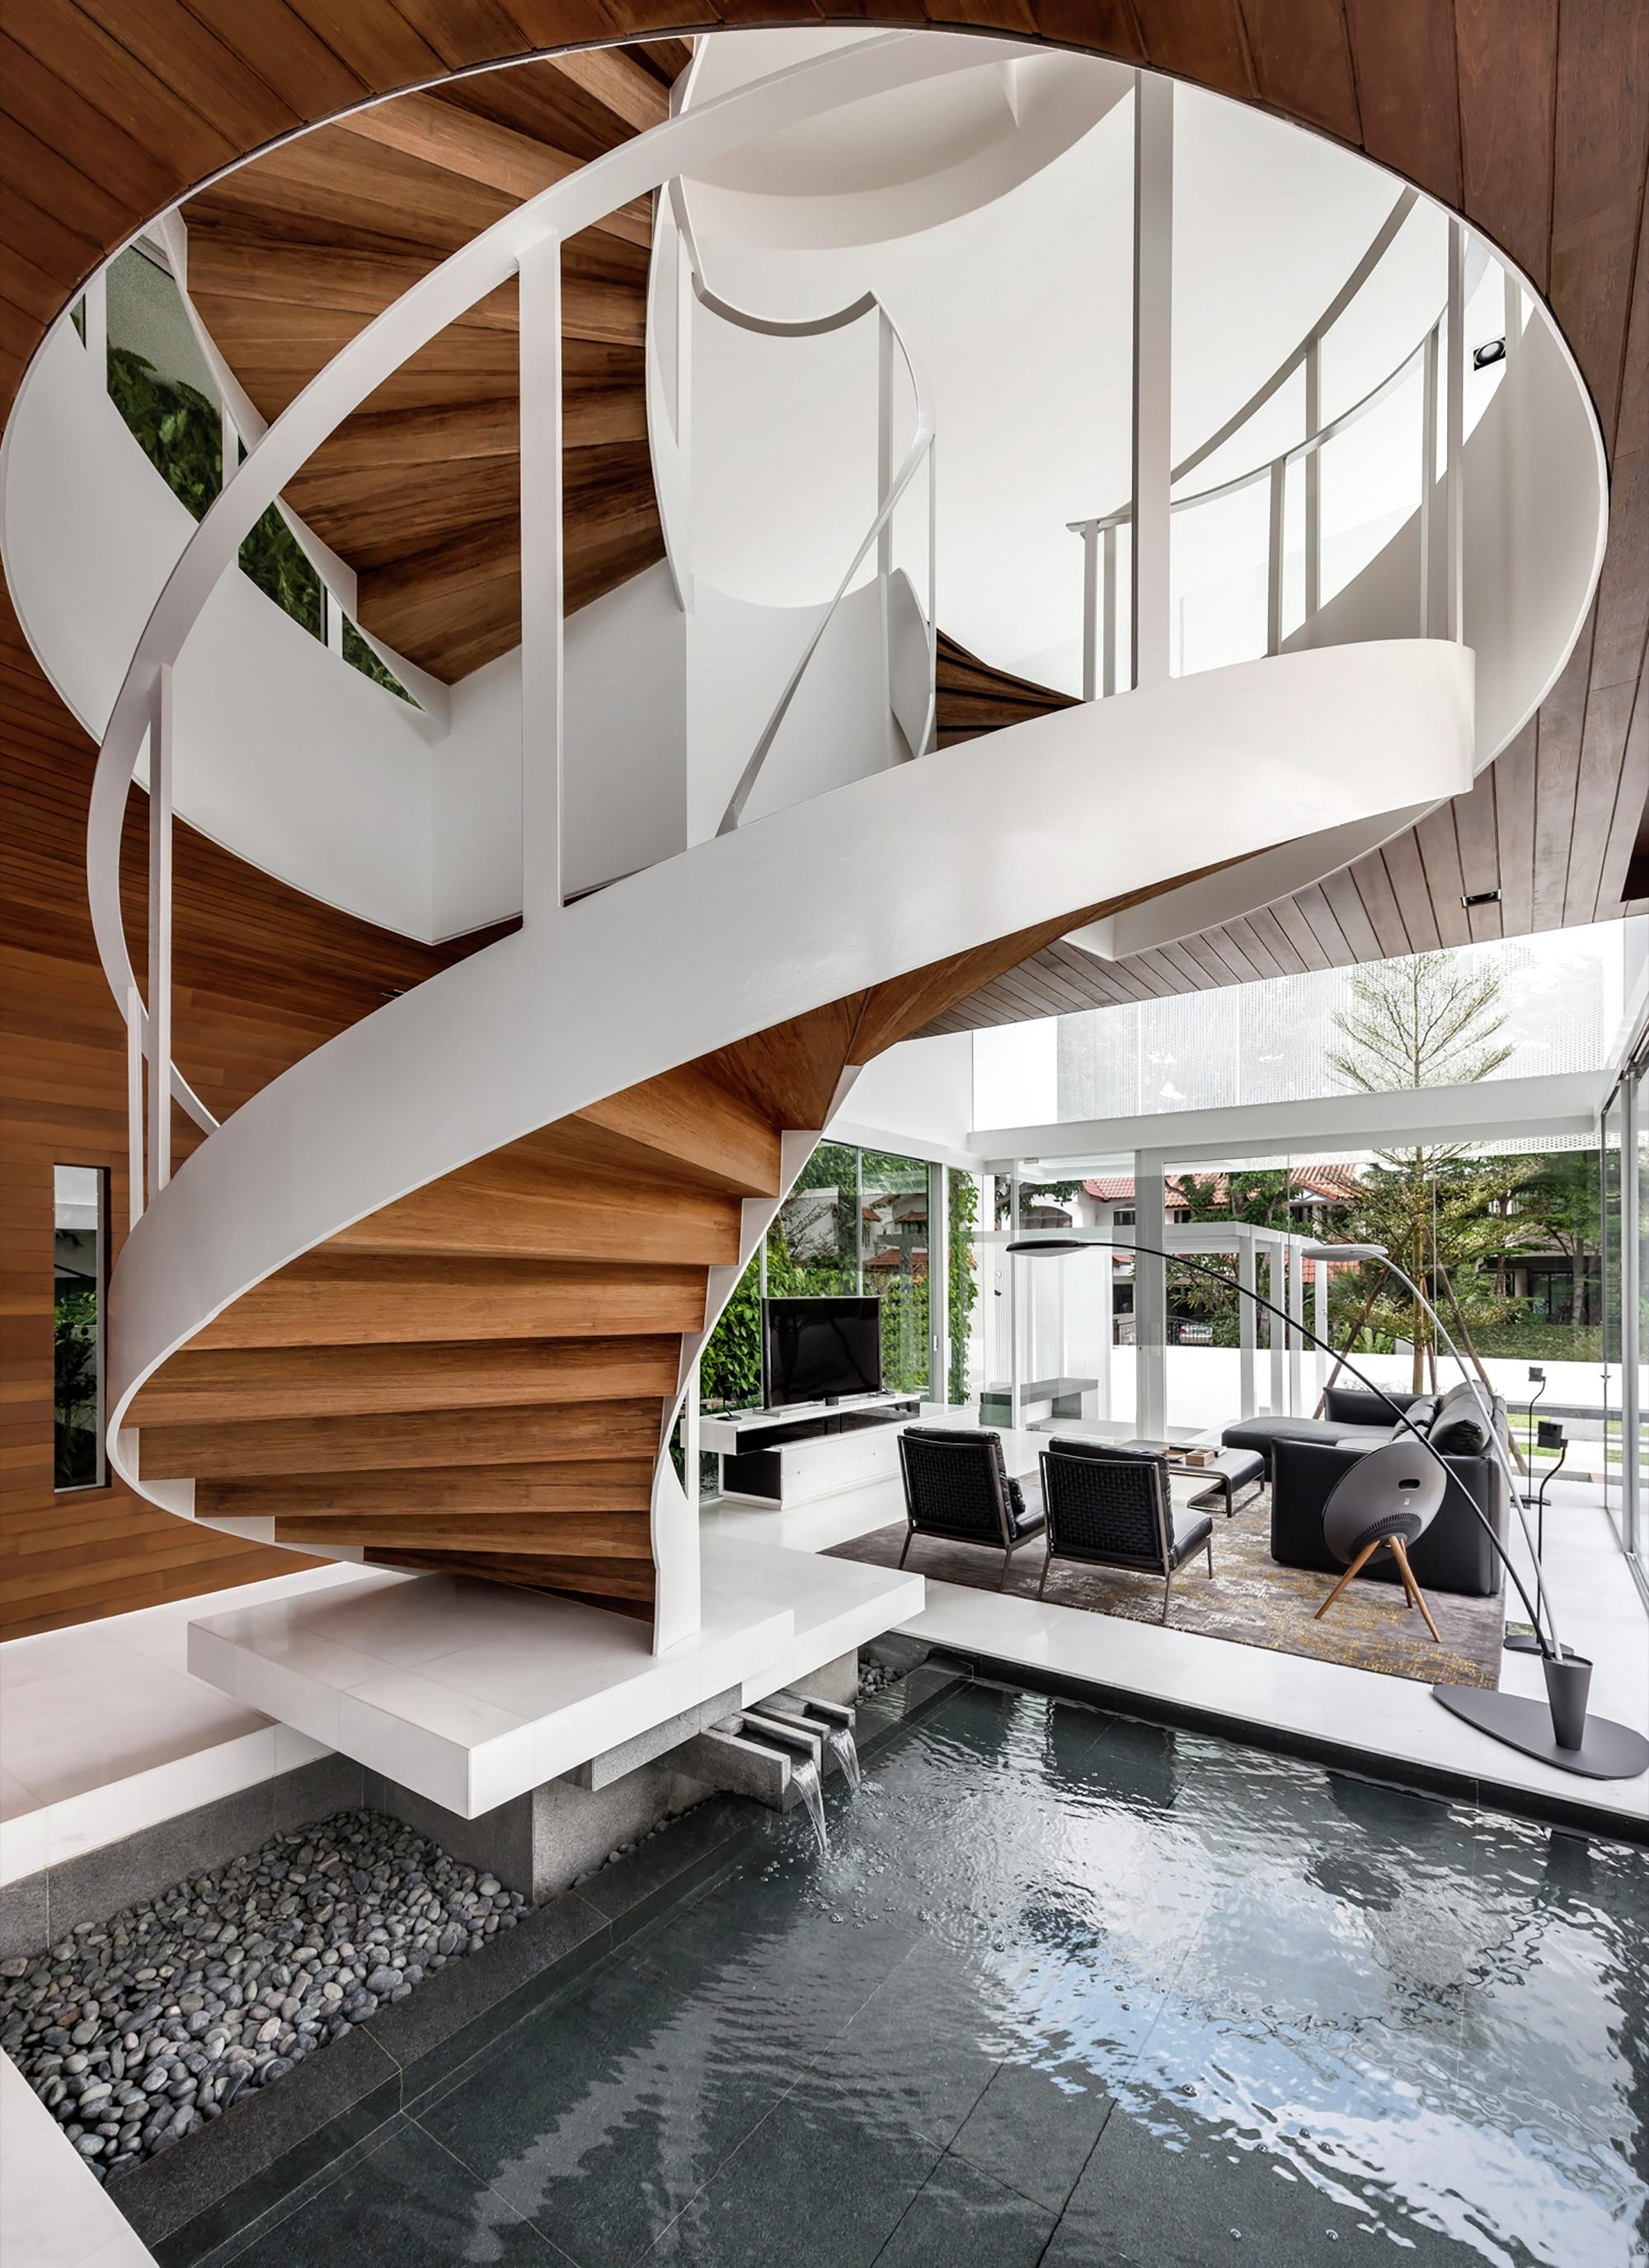 Dise o de escaleras modernas ovaladas construye hogar - Disenos de escaleras para casas ...